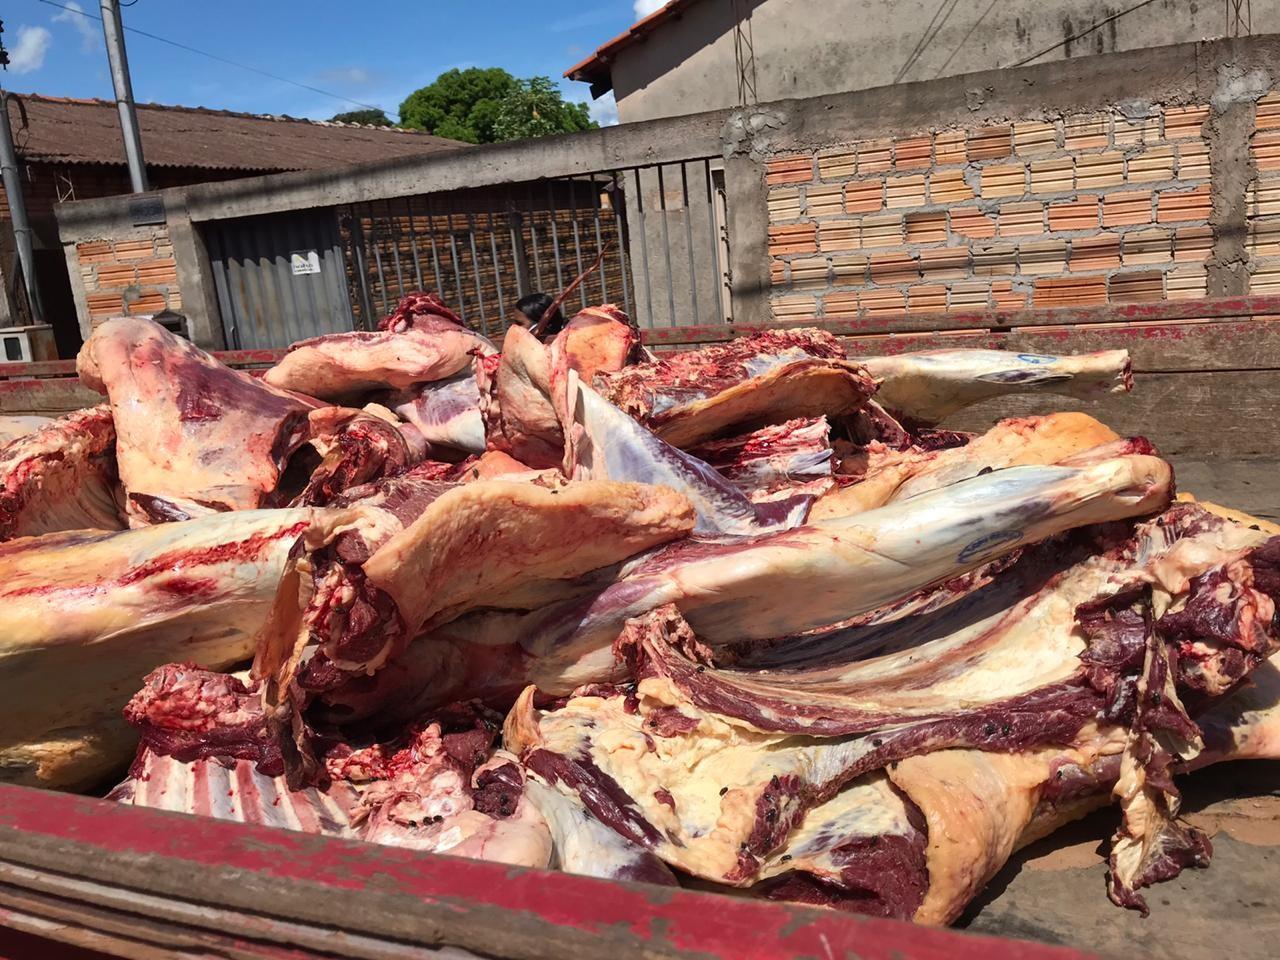 Carne com moscas varejeiras e fezes é apreendida durante entrega em supermercado em MT